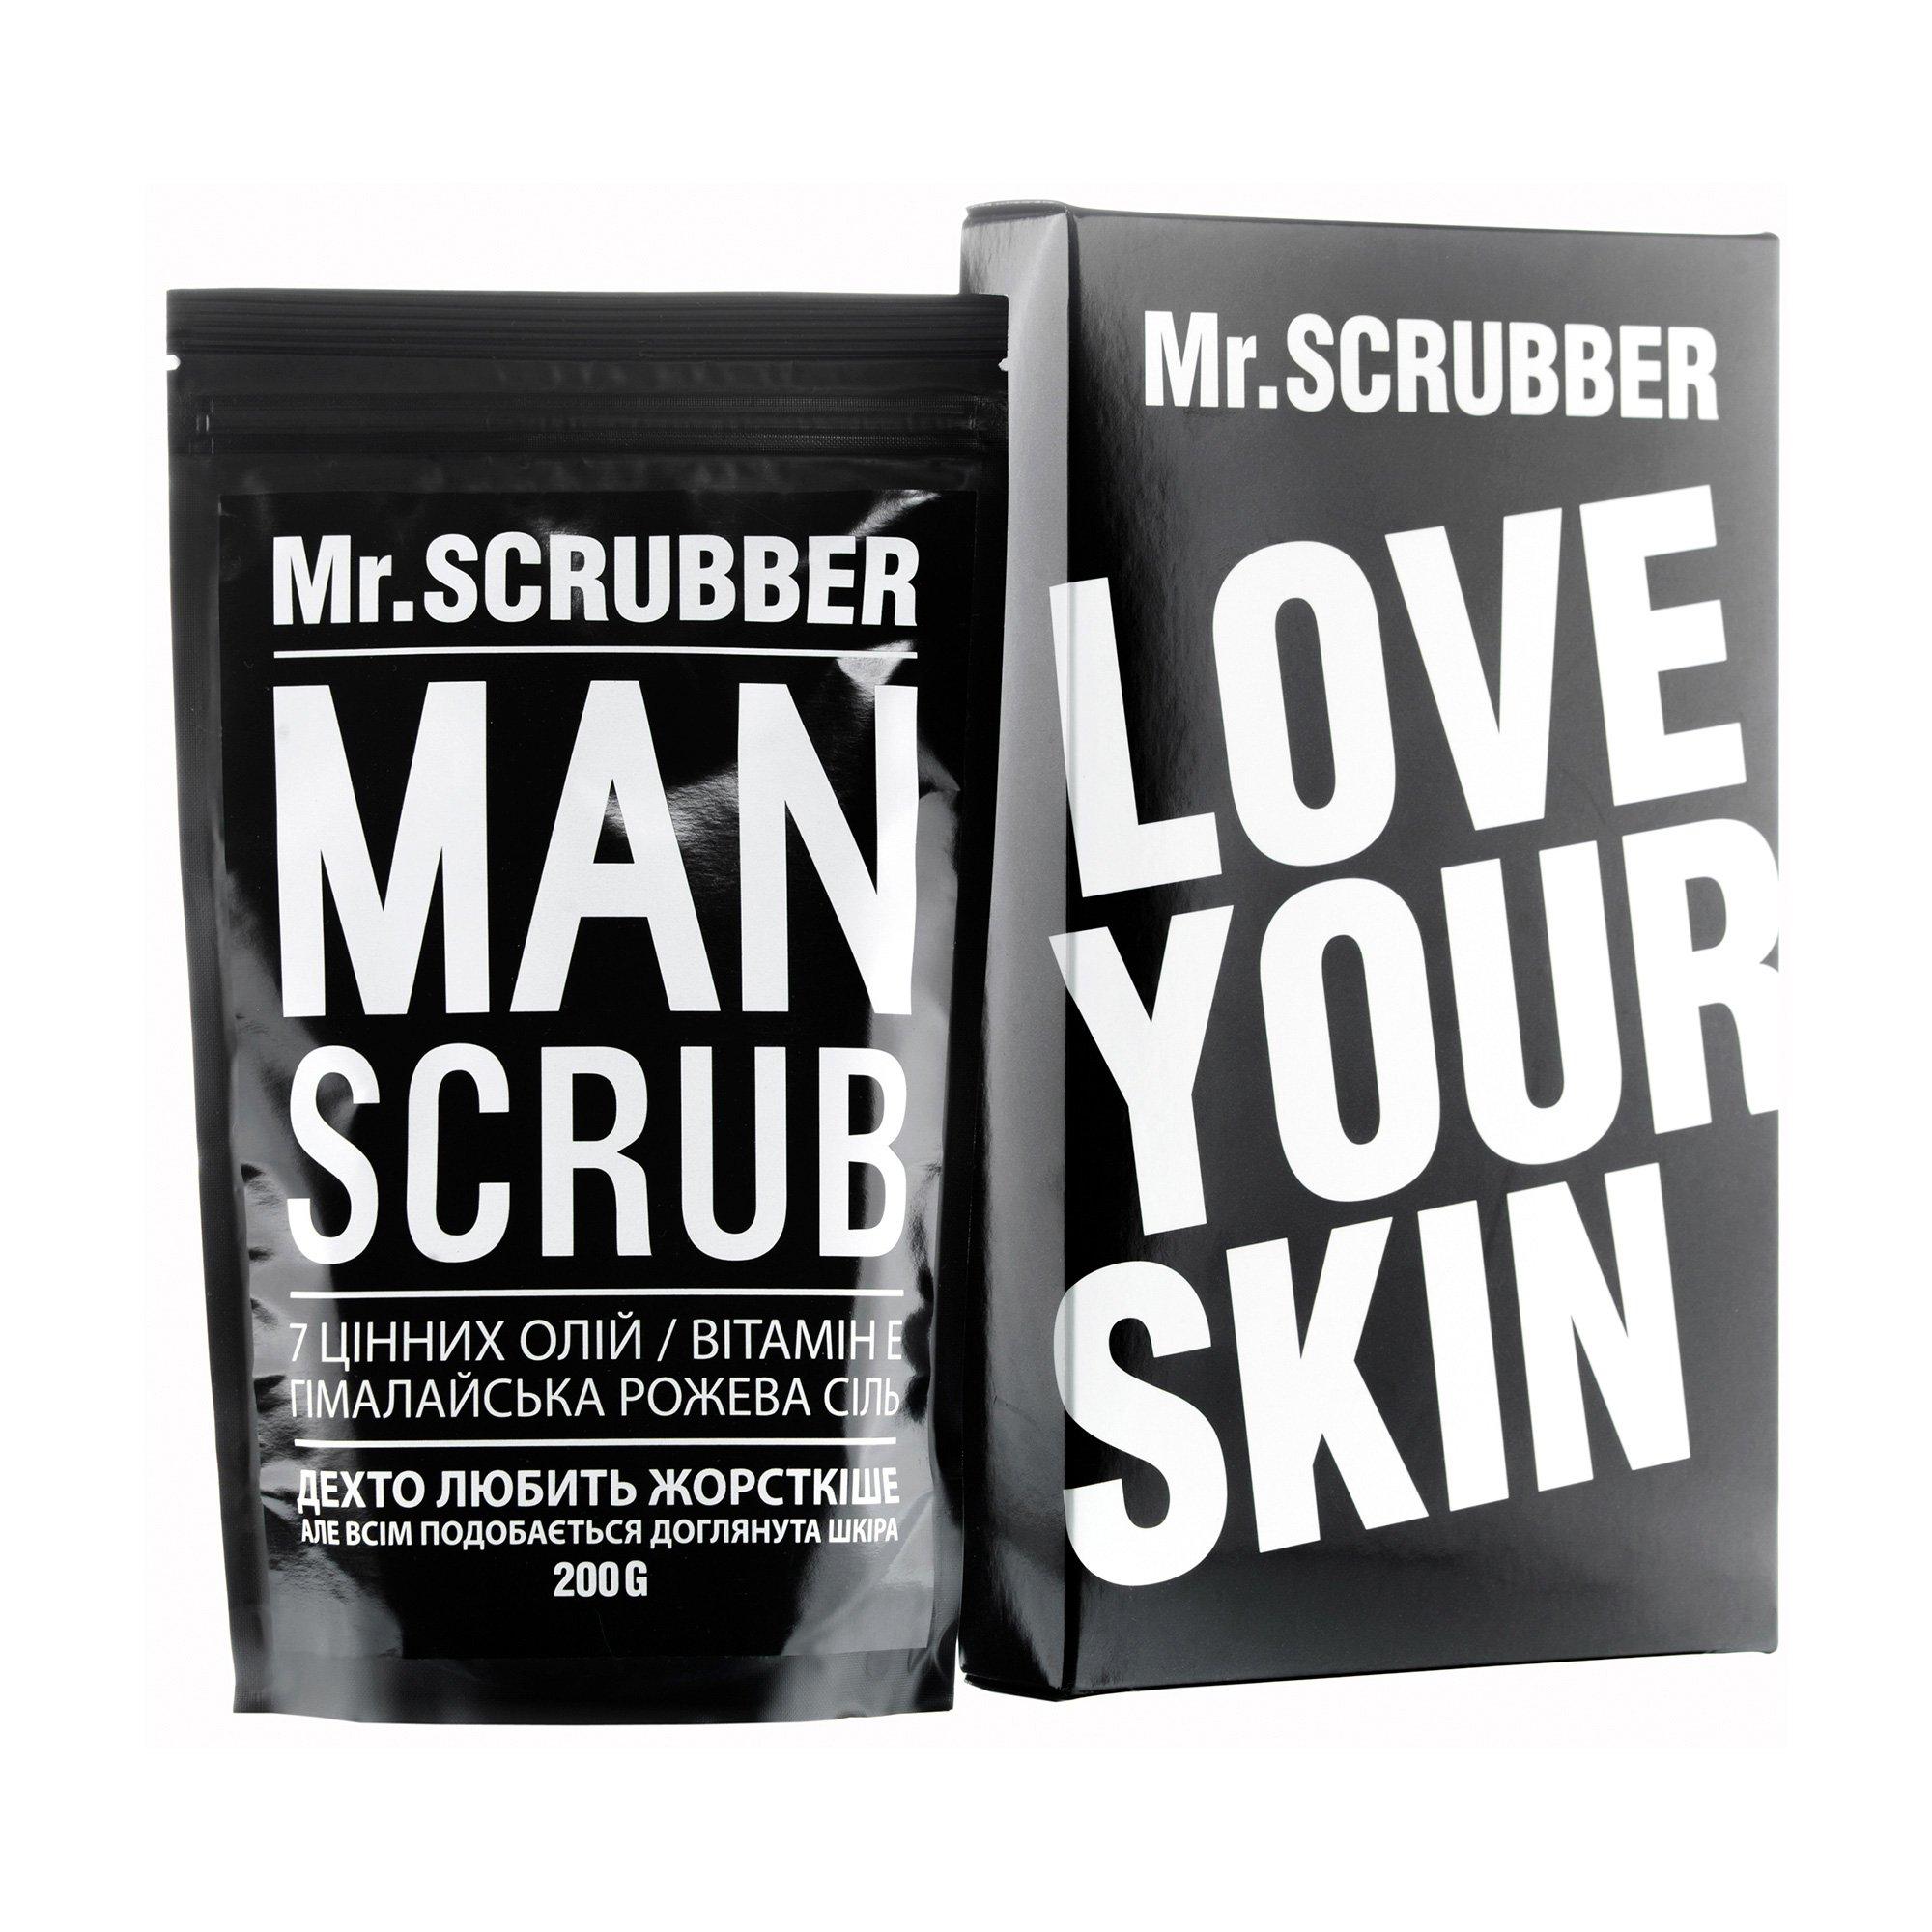 Мужской кофейный скраб для тела и лица Mr.Scrubber Man Coffee Bean для всех типов кожи, 200 г